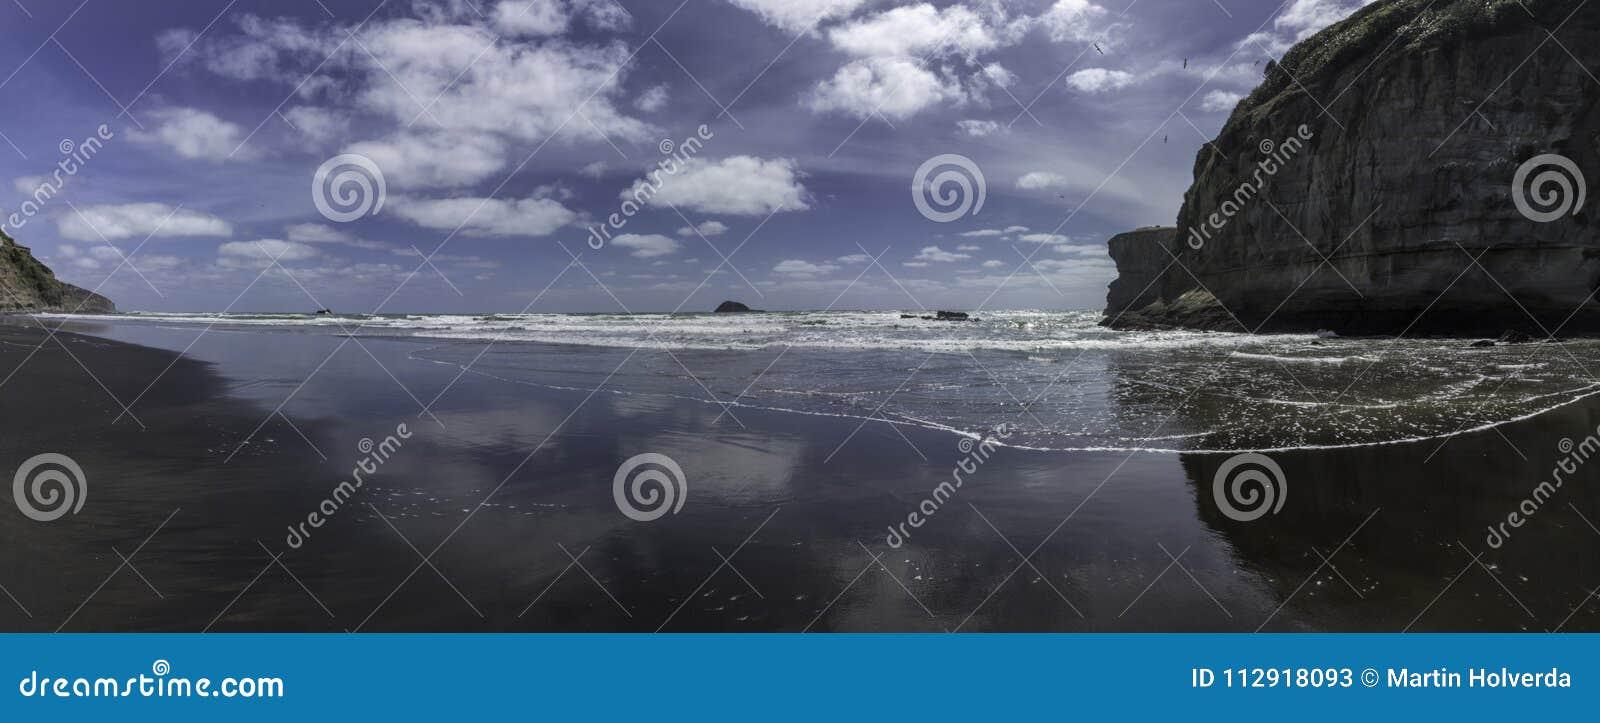 Muriwai maori da baía perto da areia do preto da viagem do dia da praia da colônia do albatroz